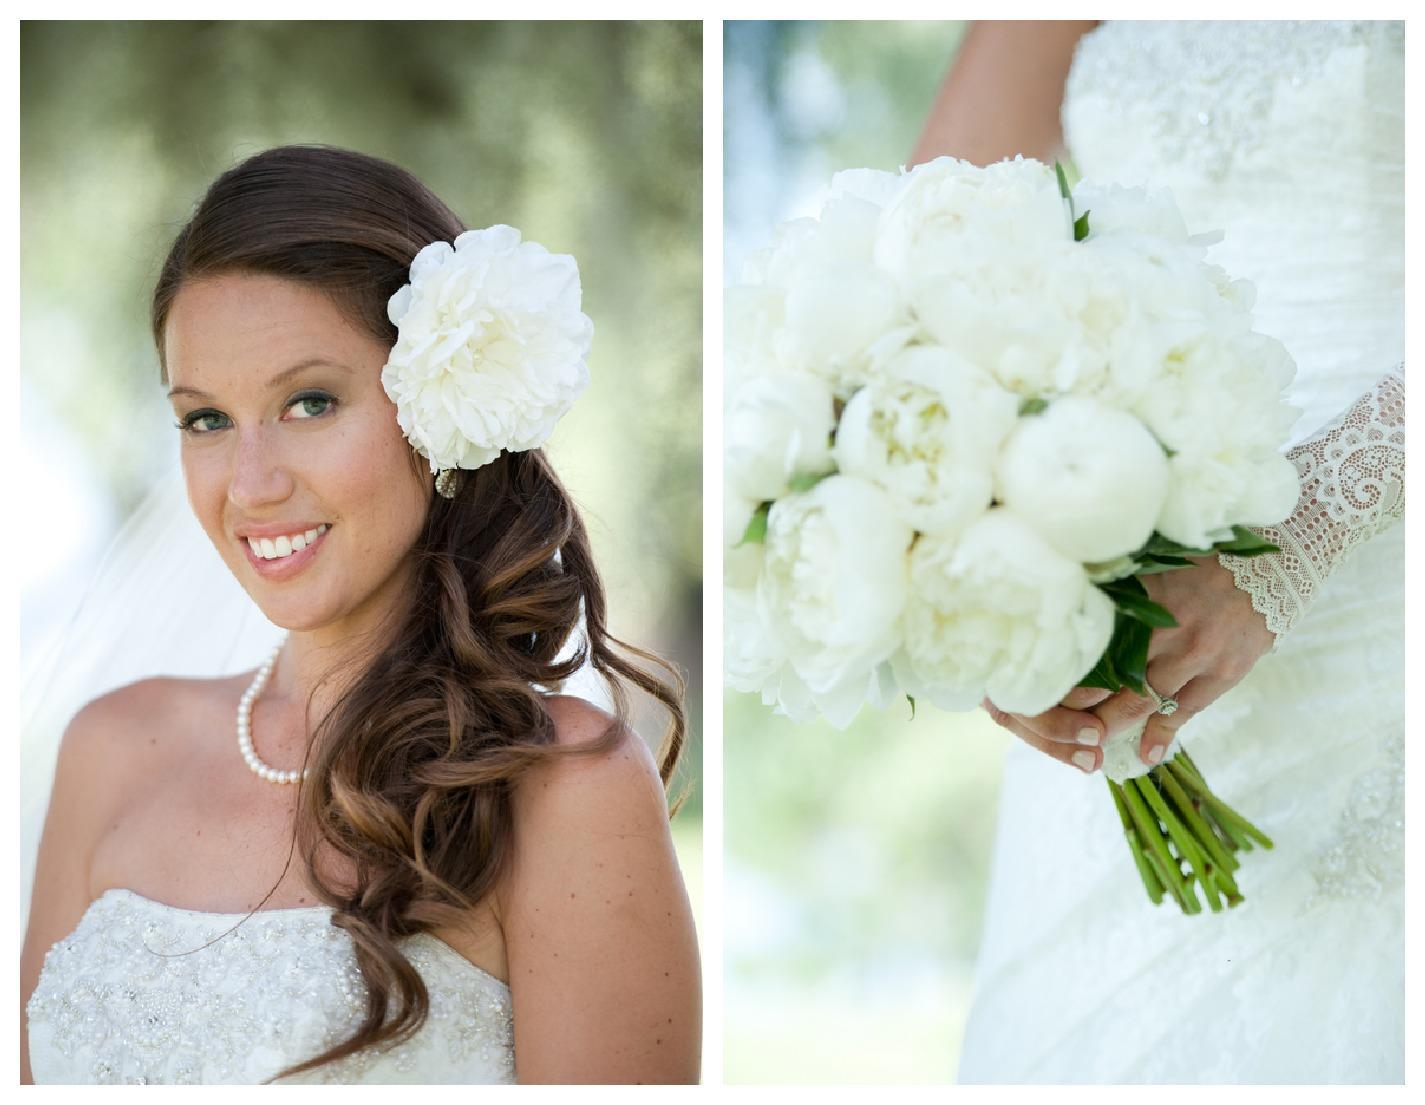 Svatba komplet čistě bílá - Obrázek č. 44